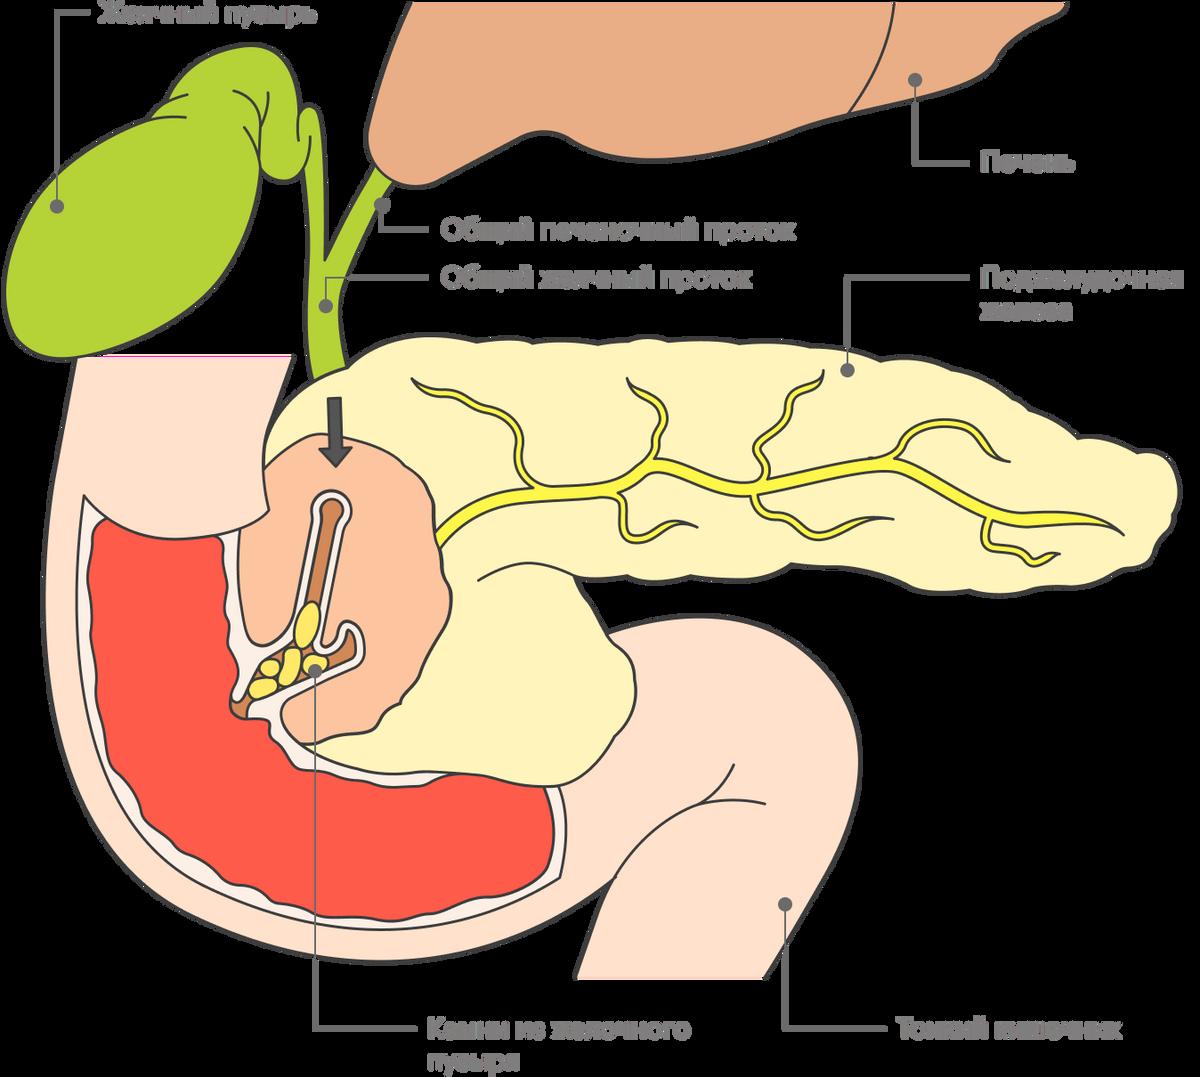 Когда камни из желчного пузыря спускаются по общему желчному протоку и закупоривают проток поджелудочной железы, развивается билиарный панкреатит